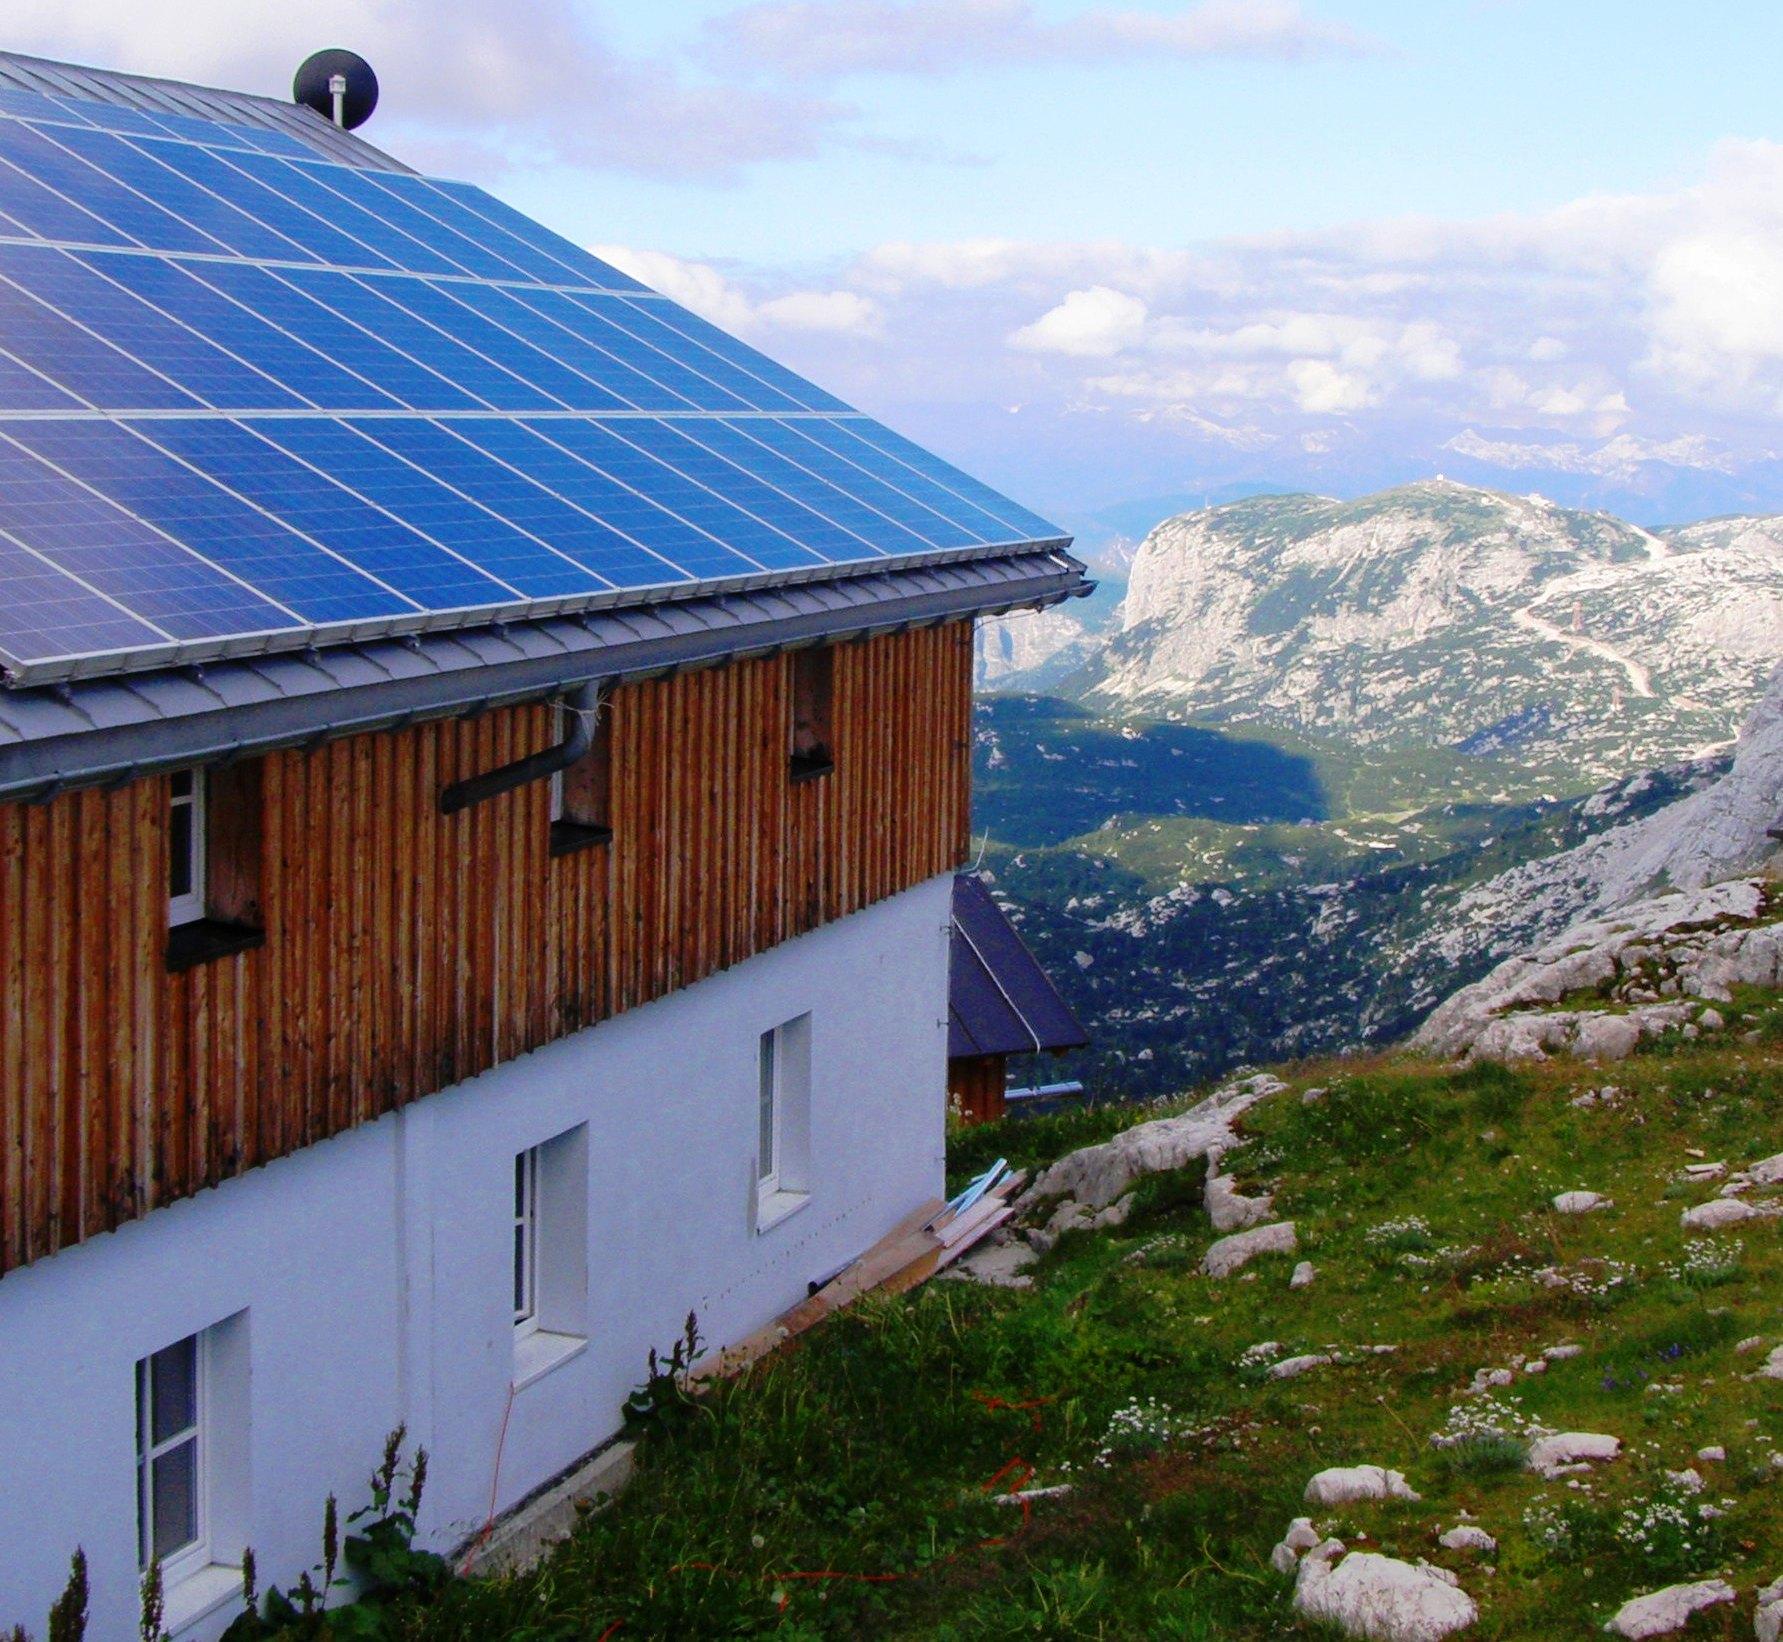 Solarstrom Macht Abgelegene Alpenhütte Autark | Solar-Prinz.De